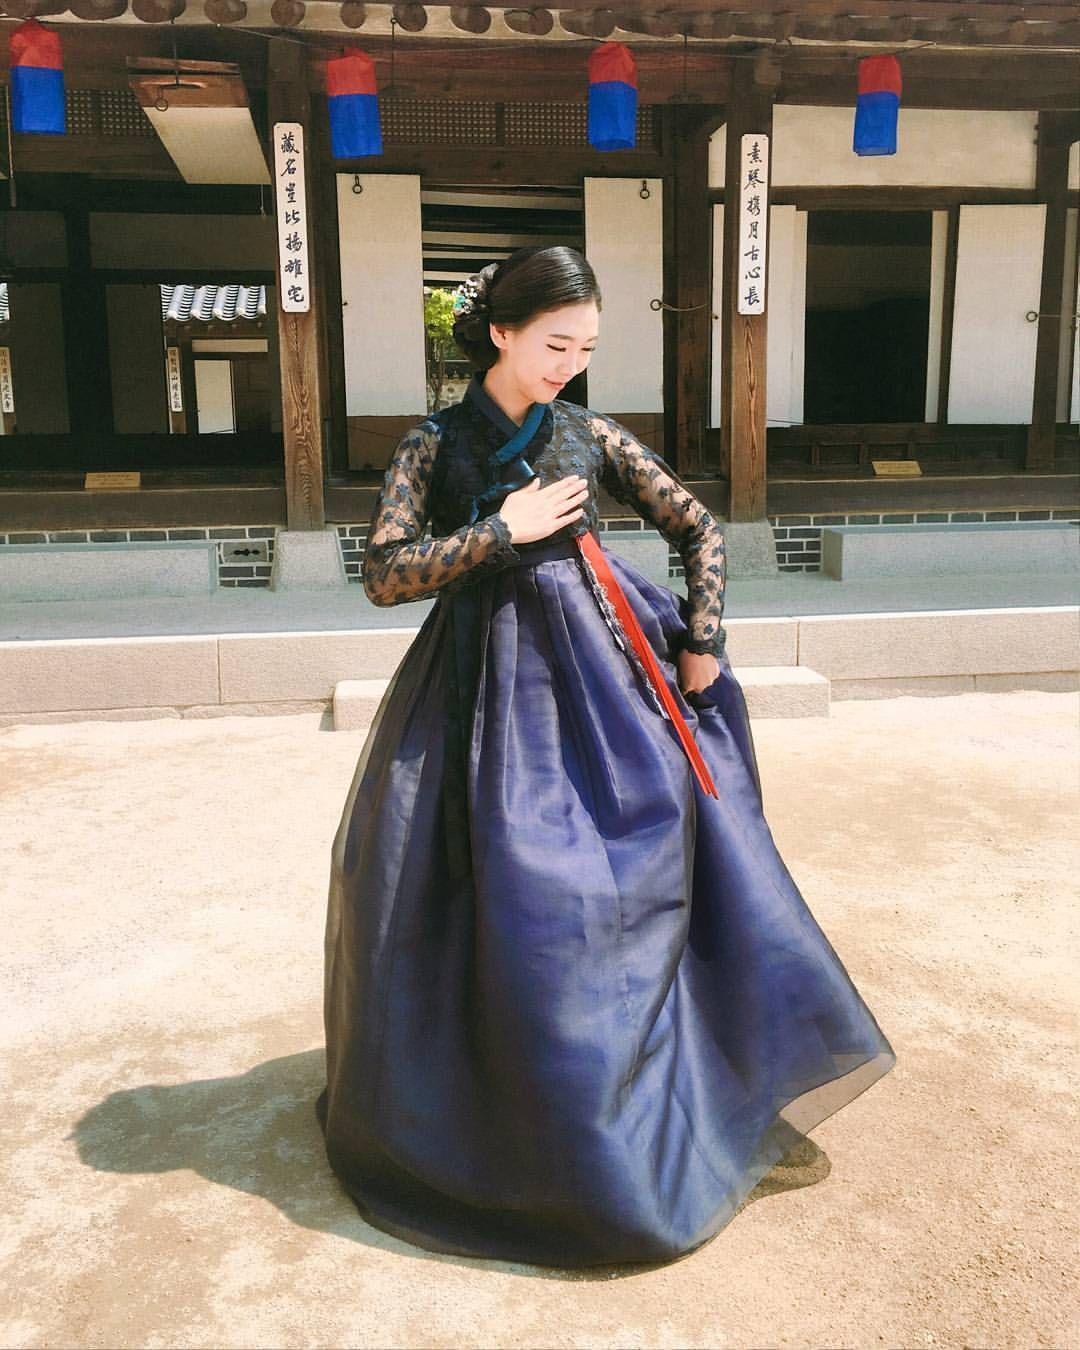 """좋아요 250개, 댓글 7개 - Instagram의 나비초롱[모란나비한복](@navihong)님: """"🌘이것이 모란나비 블루문 포스. (💕🙏사진 감사해요)  #모란나비한복 #모란나비 #한복 #hanbok #레이스저고리 #레이스한복 #생활한복 #데일리한복 #전통한복 #경기민요…"""""""